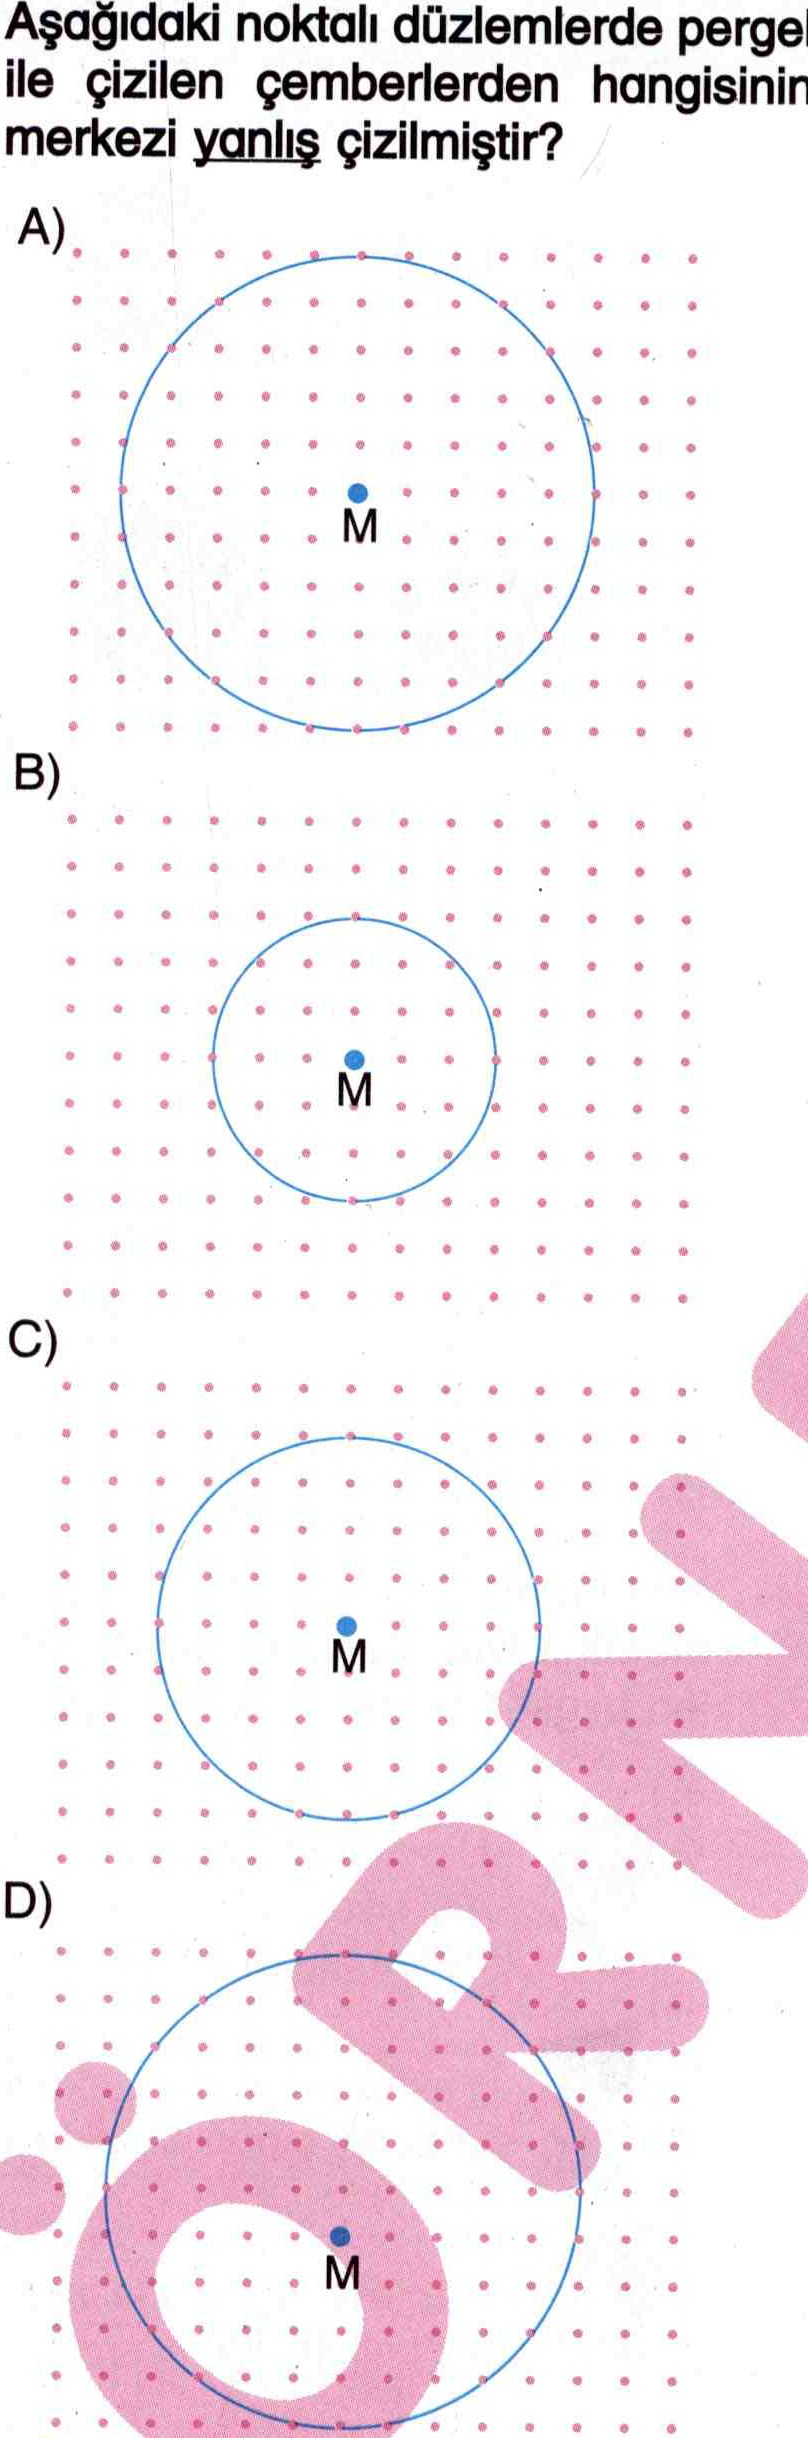 Çemberin merkezi ile ilgili soru